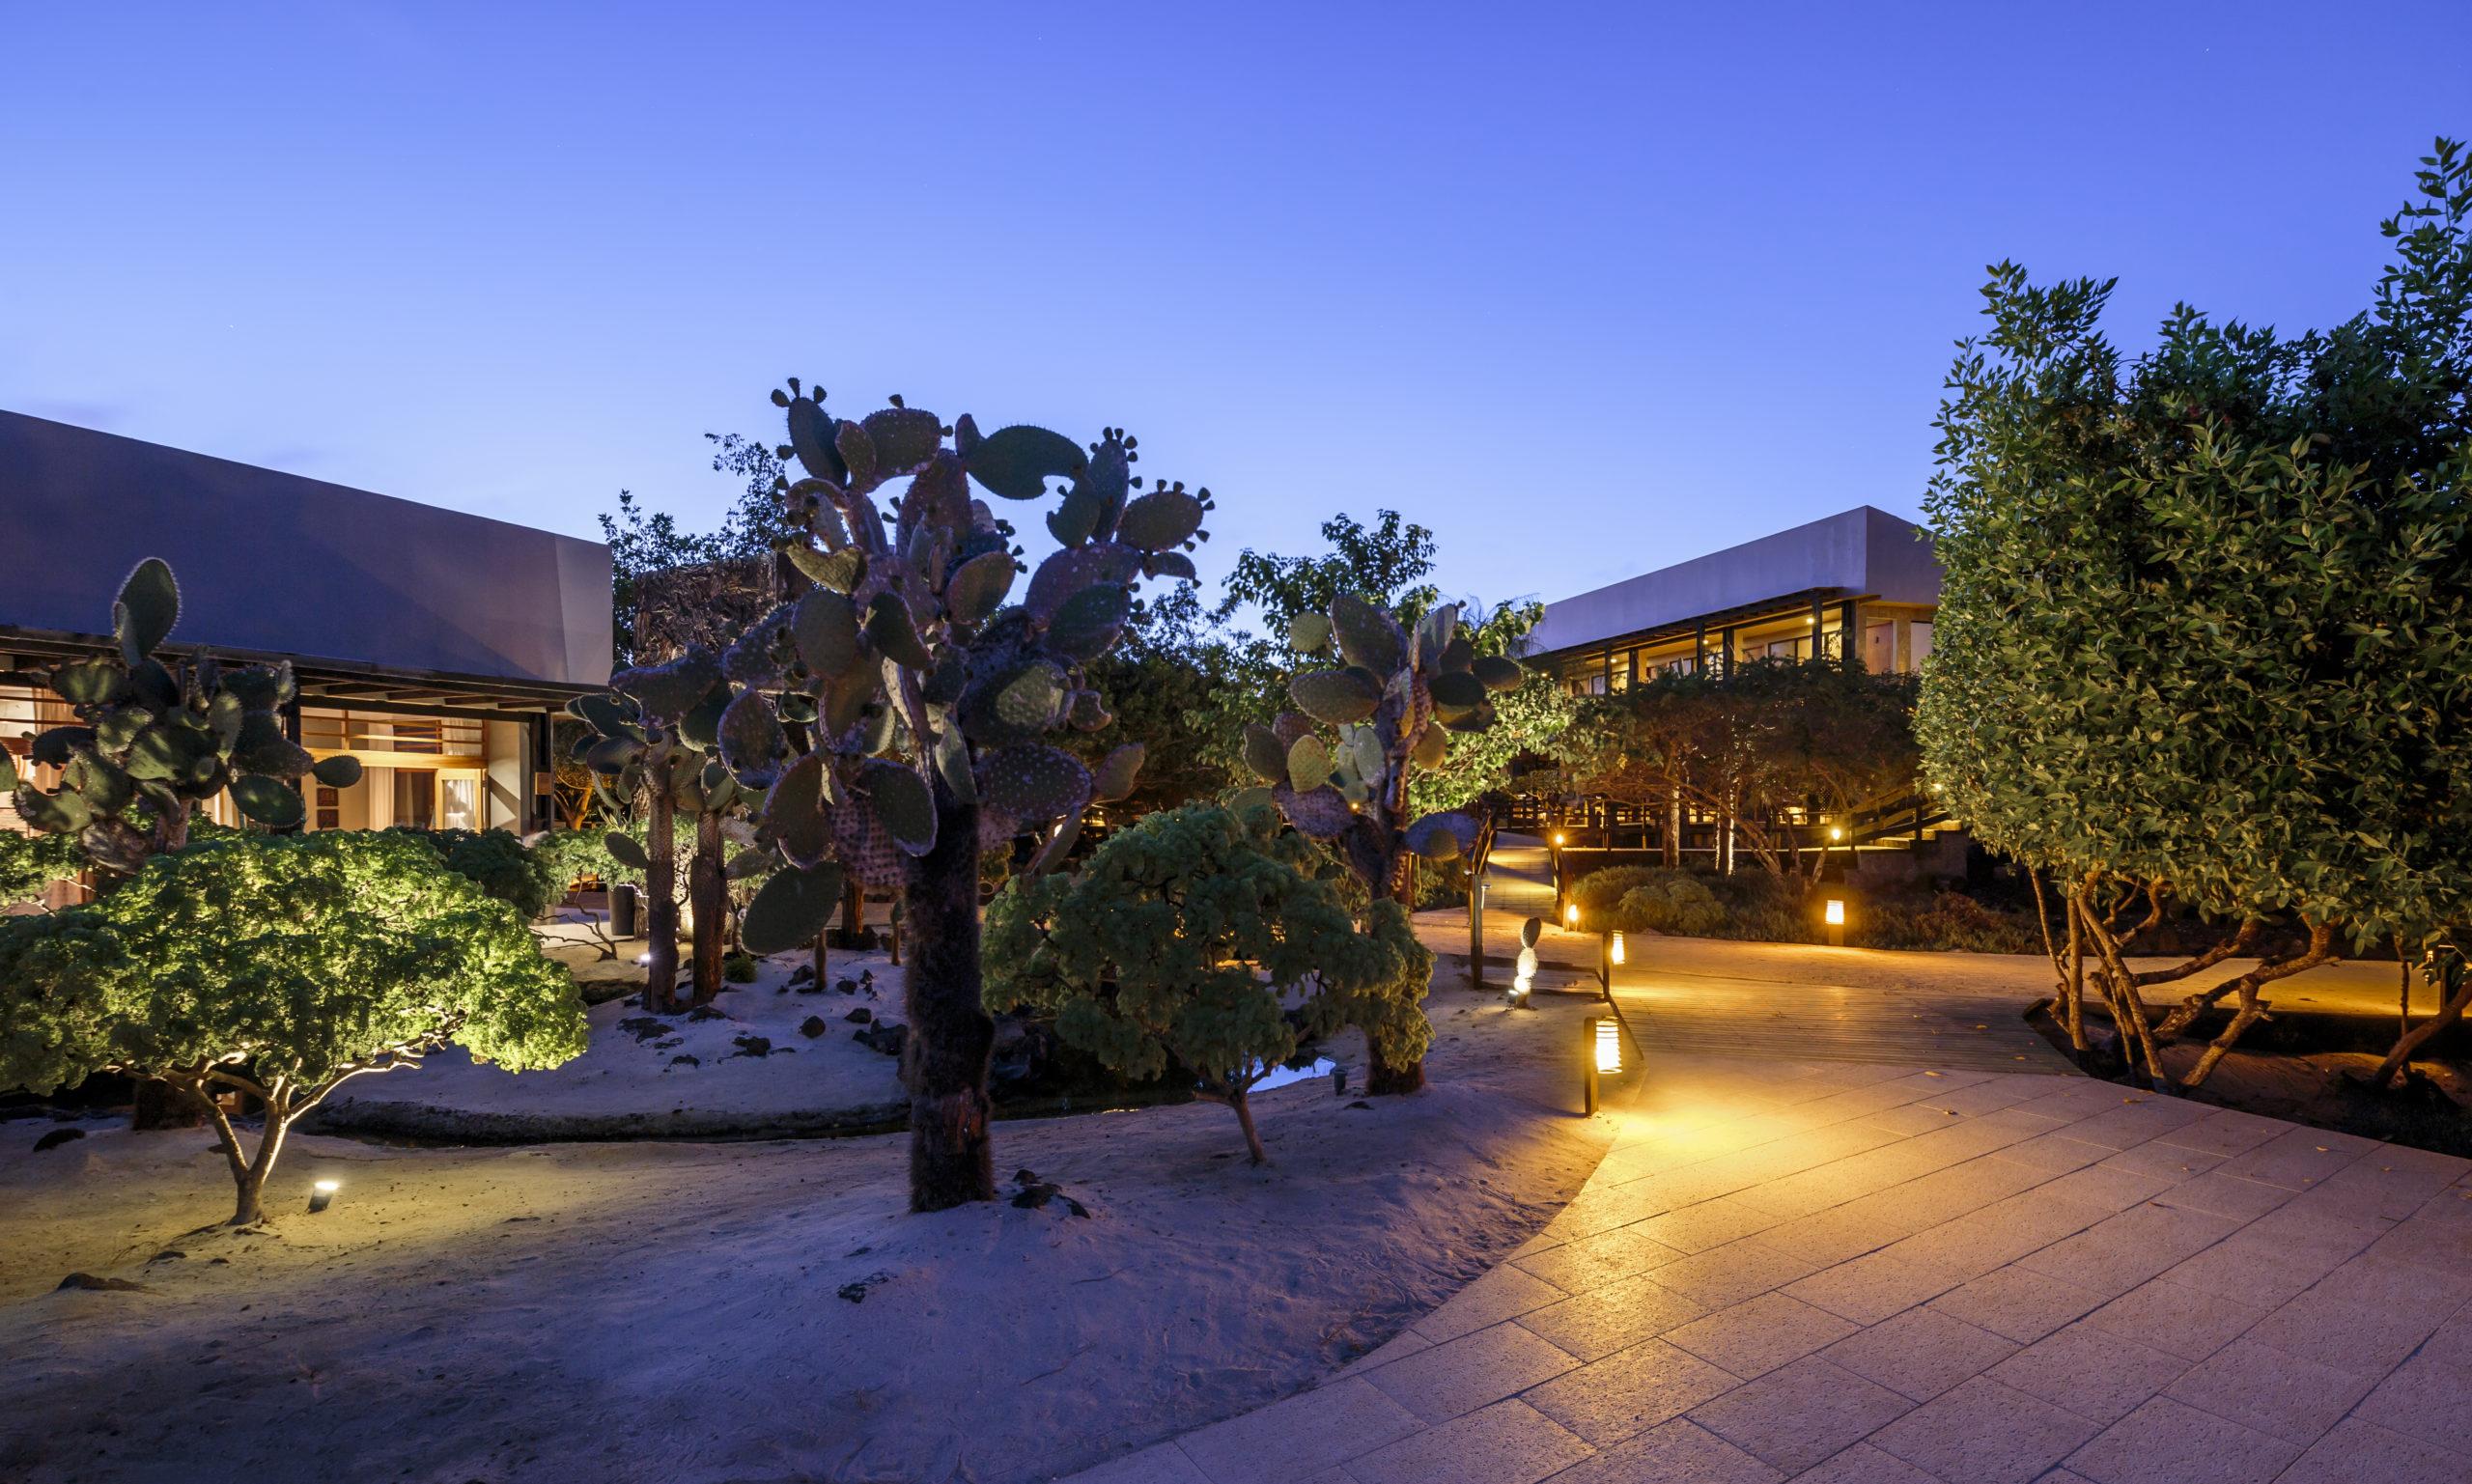 View of Finch Bay Galapagos Hotel at night